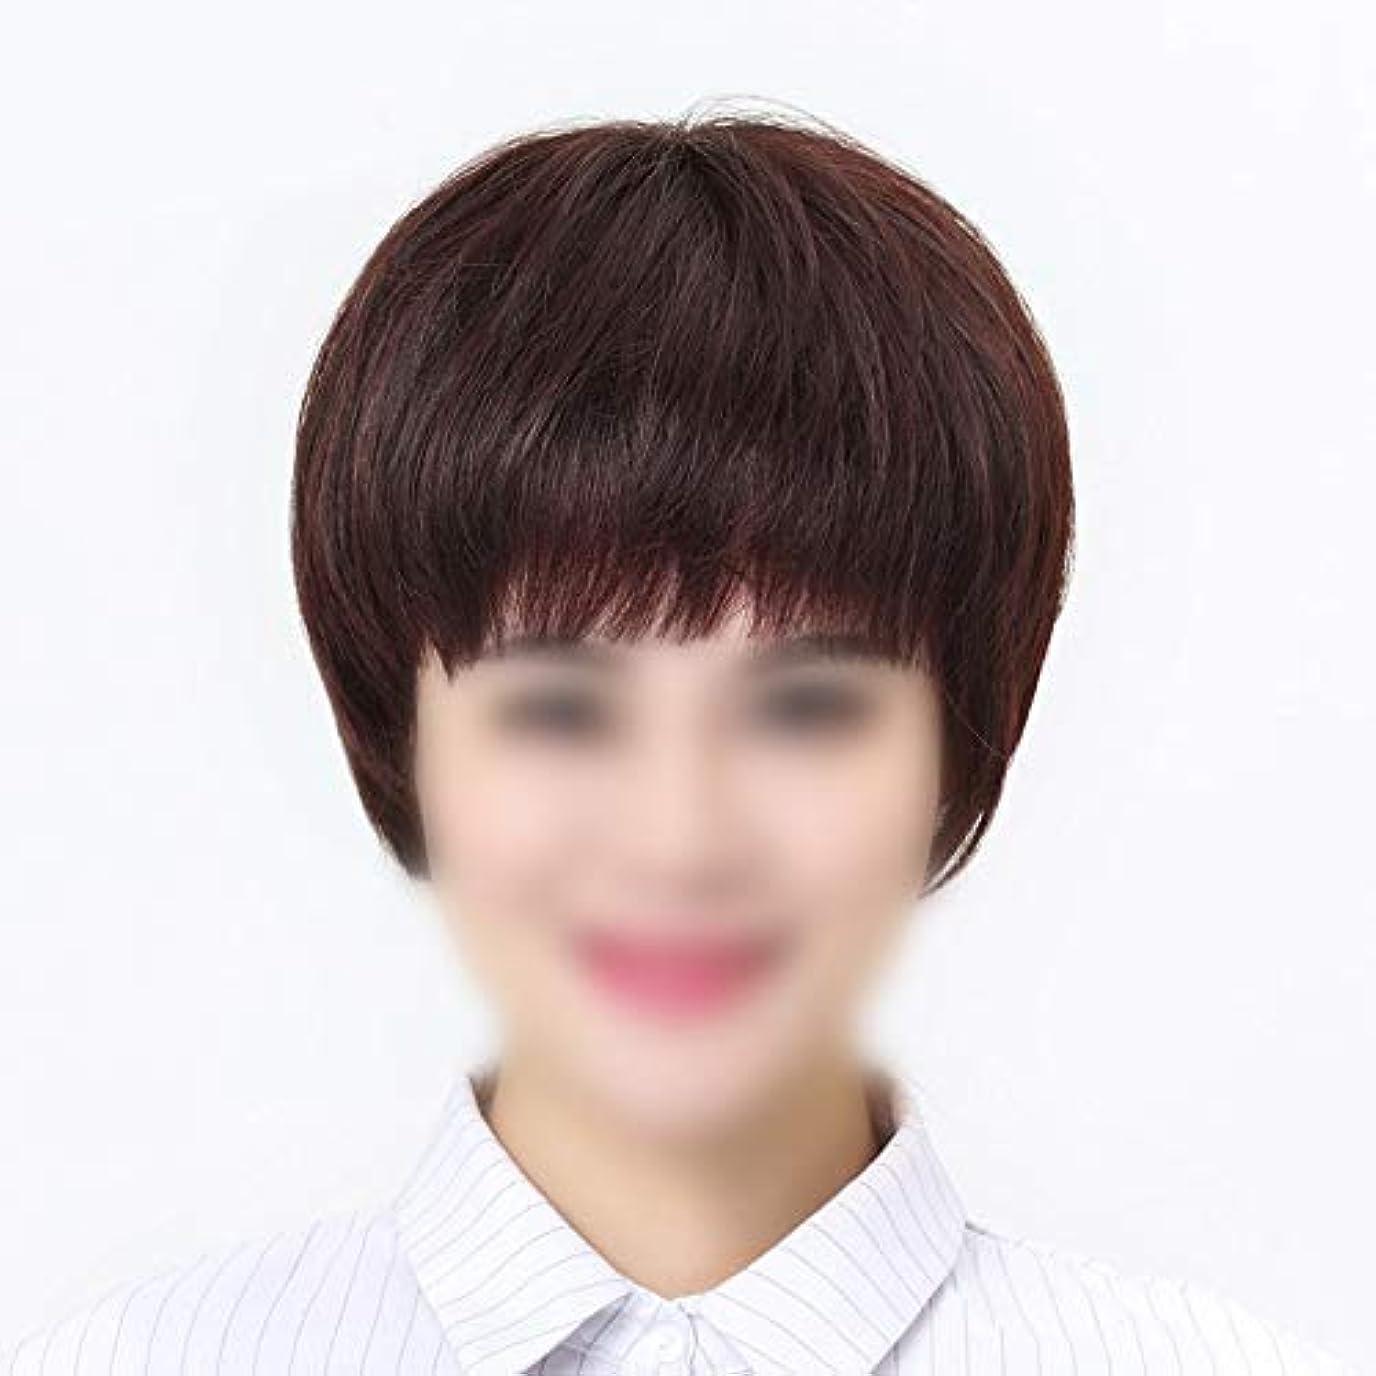 眉をひそめるクレタ文房具YOUQIU 中年女性ウィッグ用ショートストレートヘアウィッグ女性のための手織りニードルウィッグリアルタイム髪 (色 : Natural black, サイズ : Mechanism)